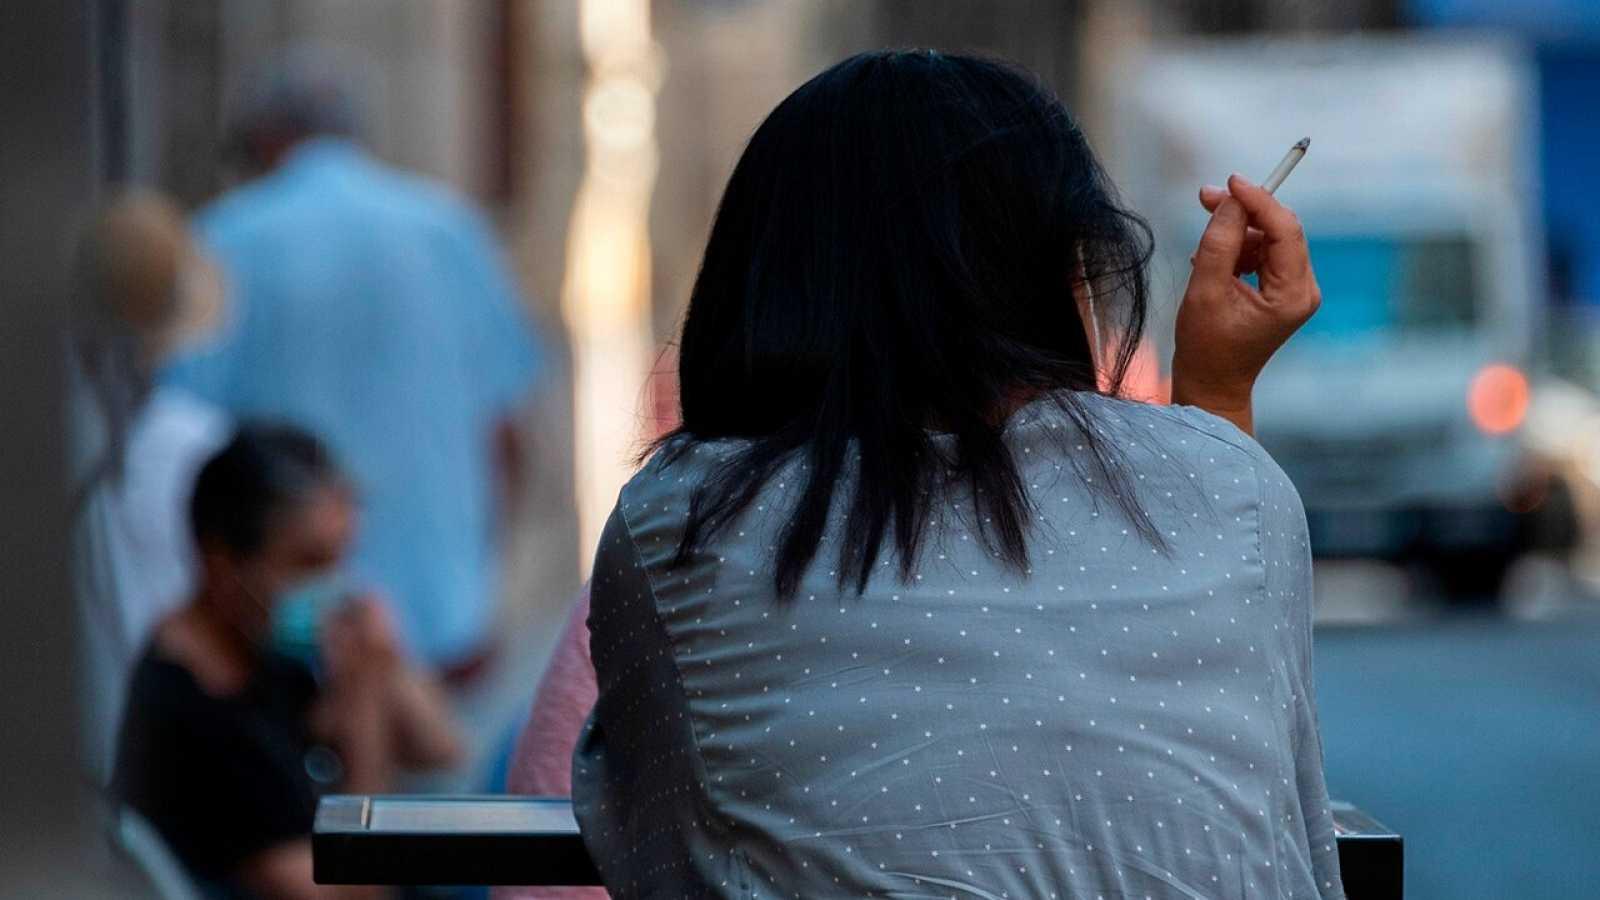 """Simón explica que la prohibición de fumar está relacionada """"con el uso adecuado de mascarillas y la reducción de riesgos"""""""